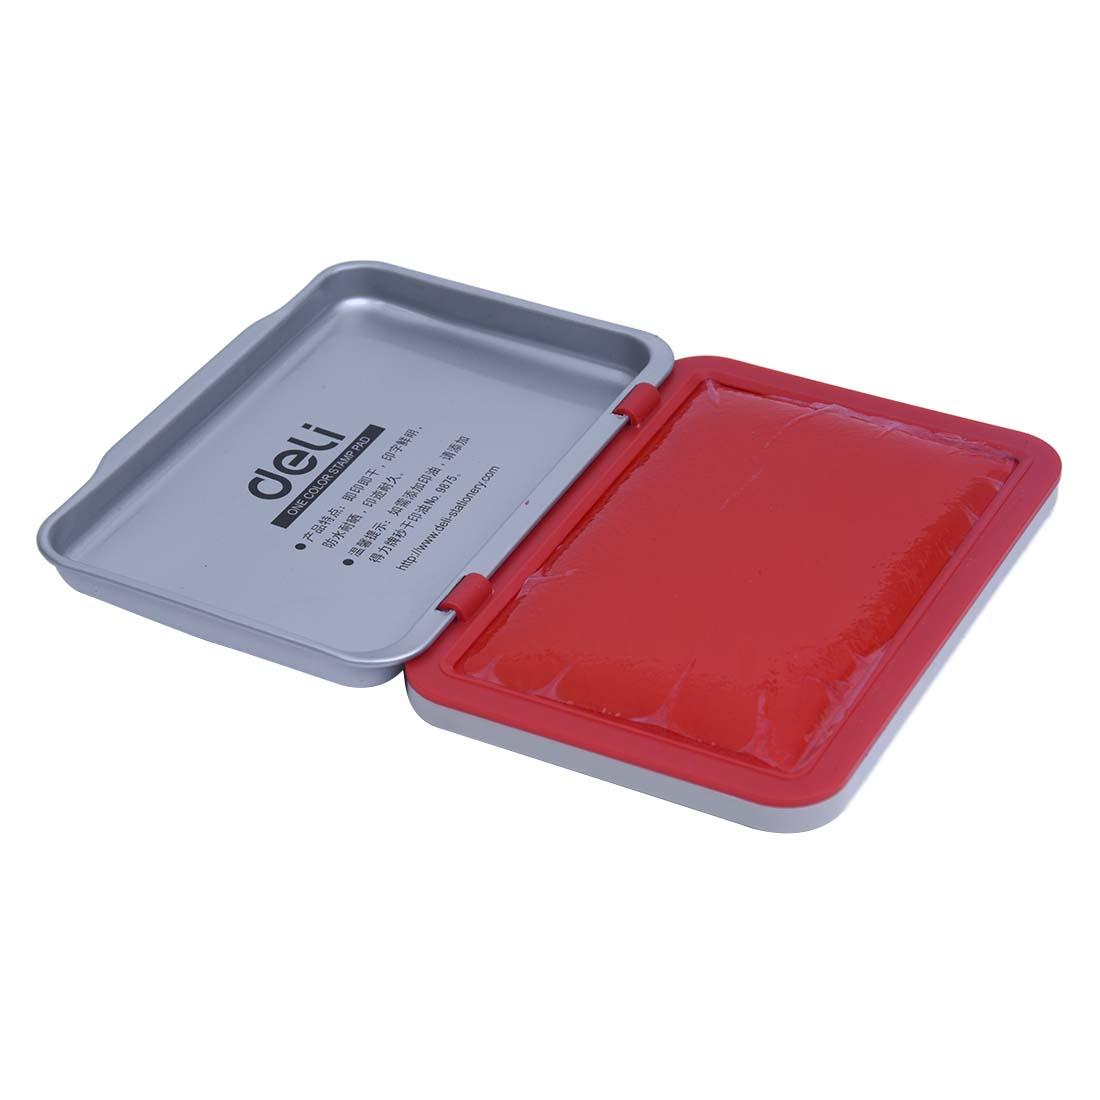 Tampon encreur encre scrapbooking rouge forniture de bureau w4q7 ebay - How do bureau de change make money ...